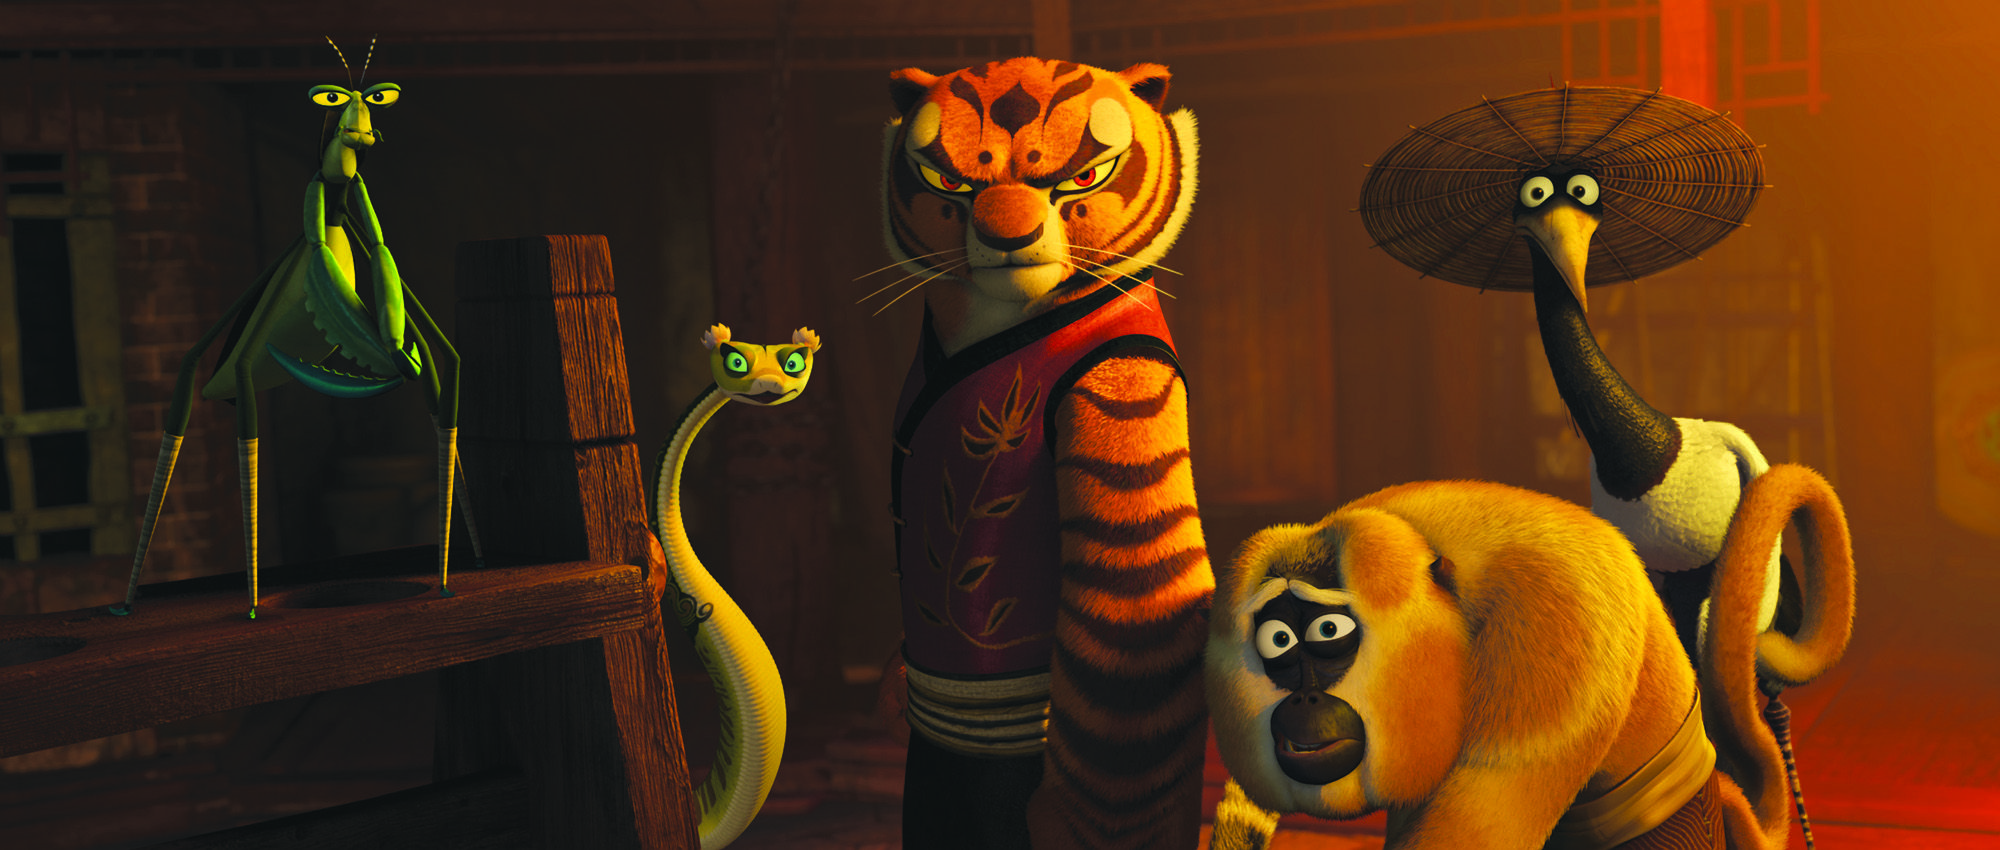 the kung fu panda images babysitting tigress wallpaper and | kung fu